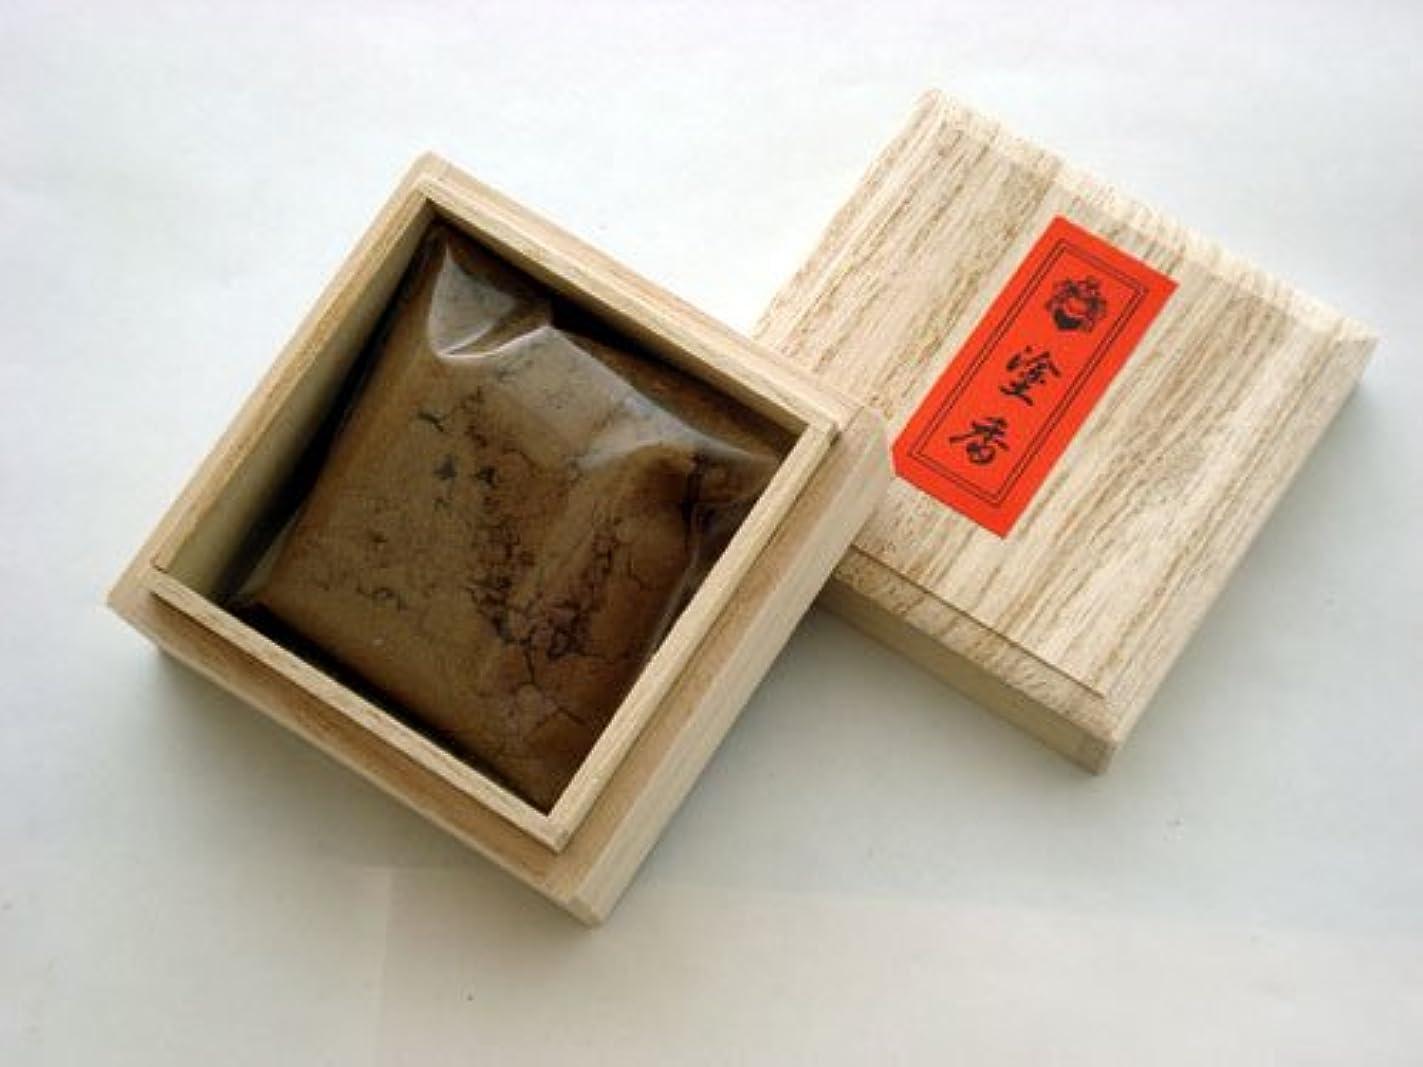 ストレージ樫の木人工的な特上塗香(とくじょうずこう) 桐箱入り 【松栄堂】